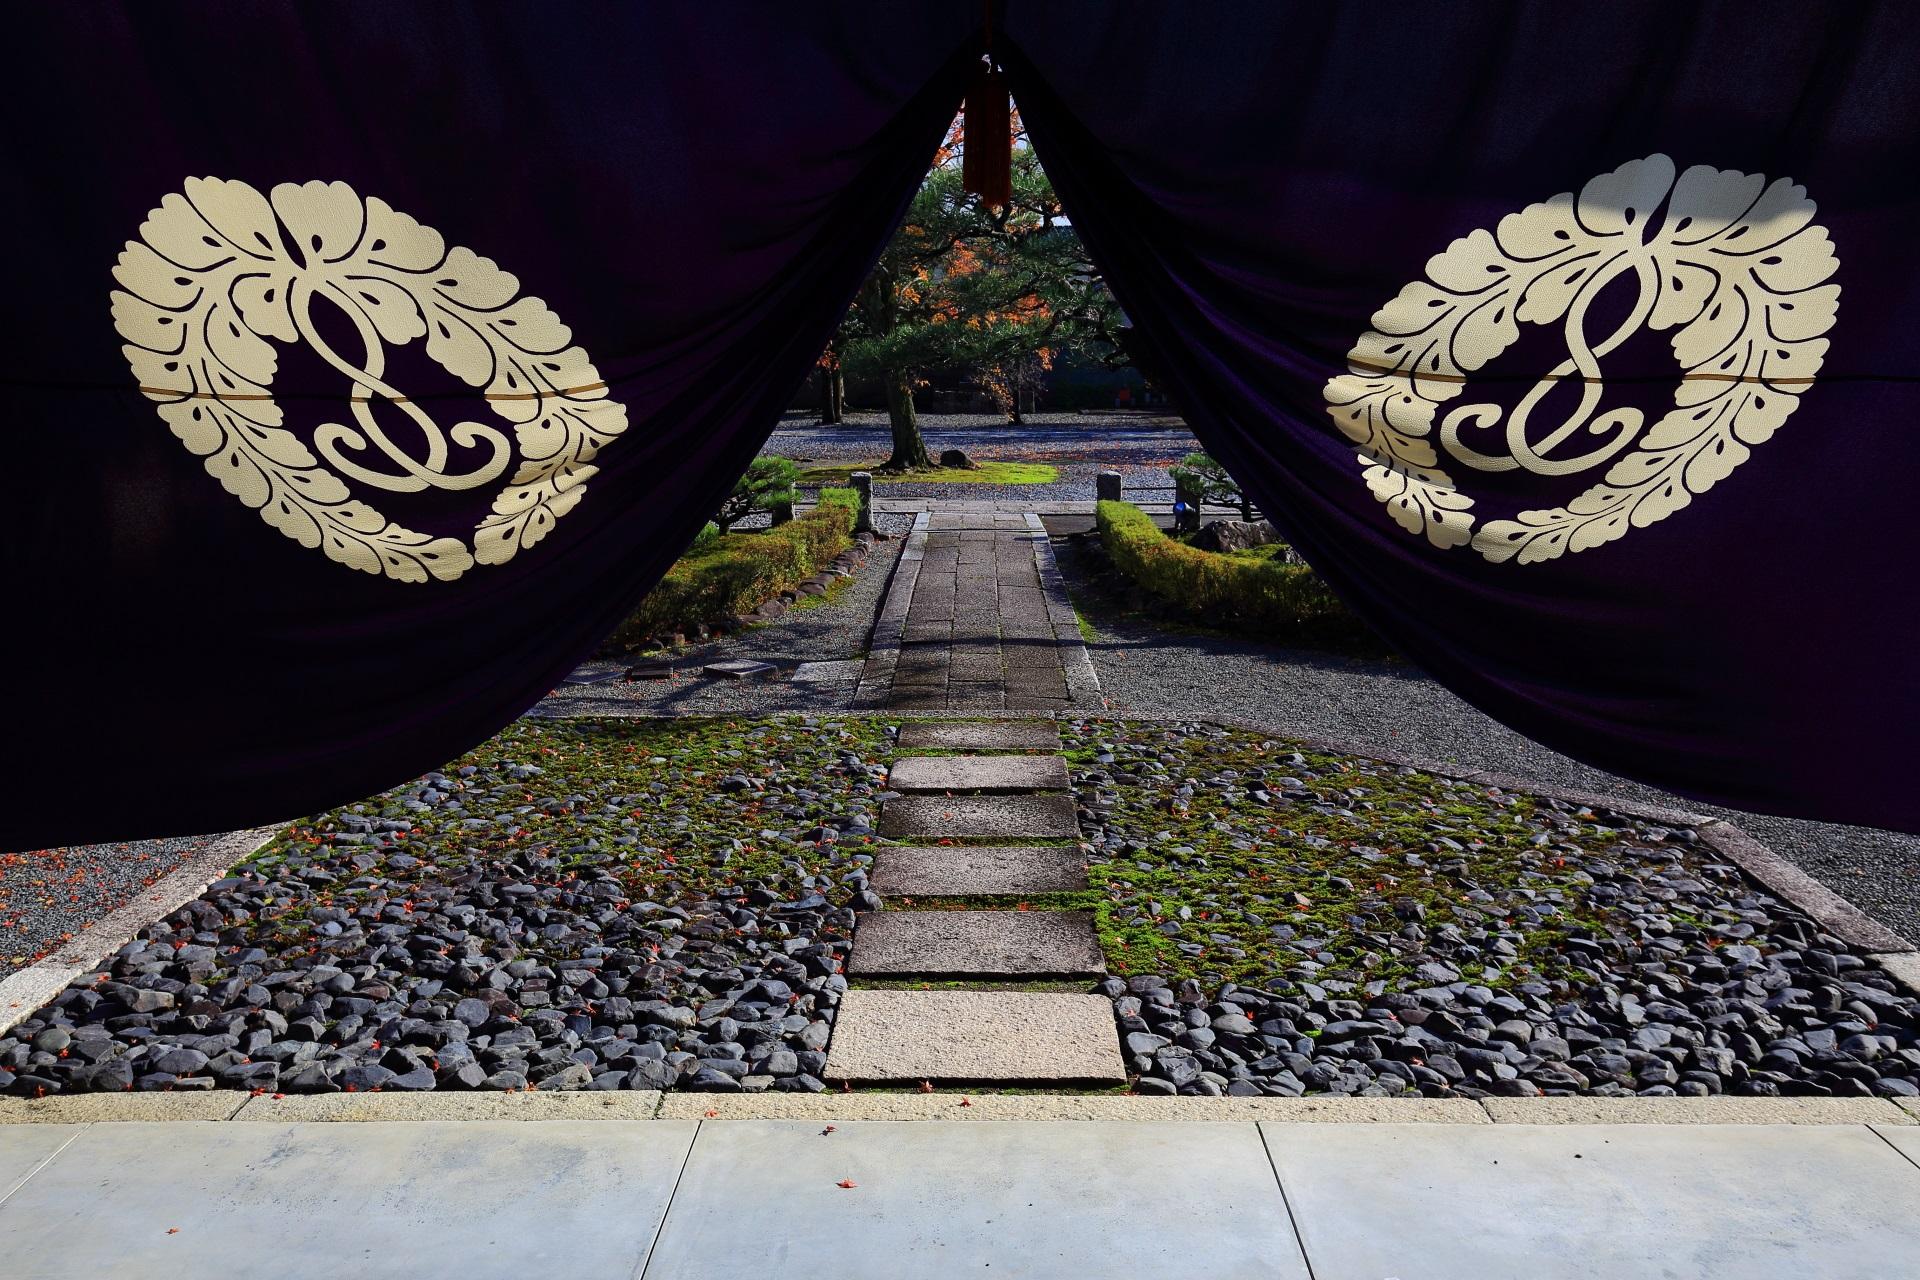 妙覚寺の玄関から眺めた参道